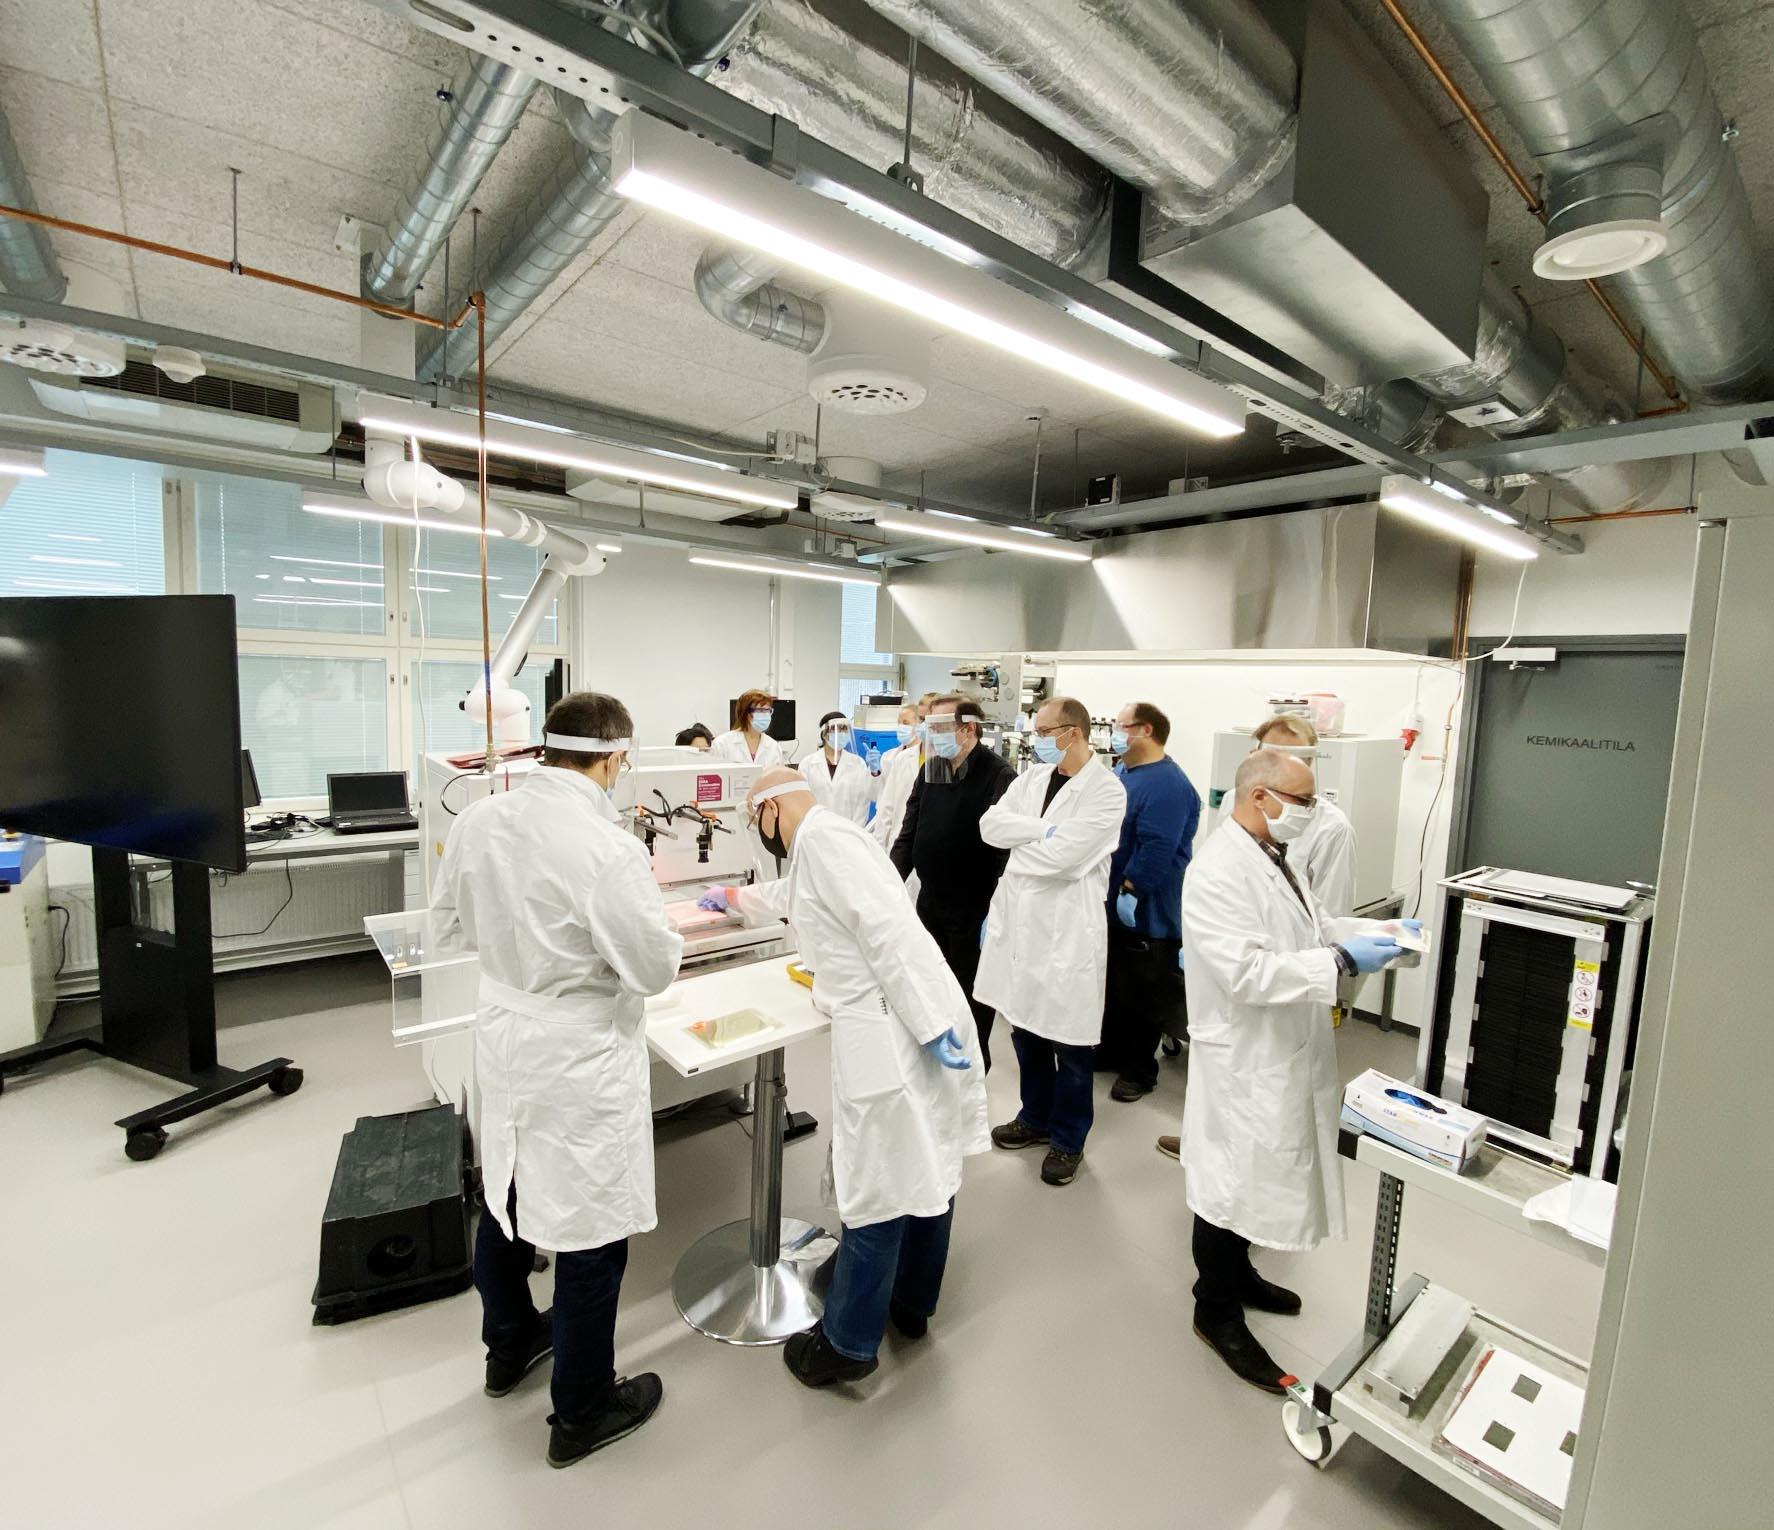 Ryhmä ihmisiä seisoo yhteisen pöydän ympärillä laboratoriossa, valkoiset takit ja kasvomaskit